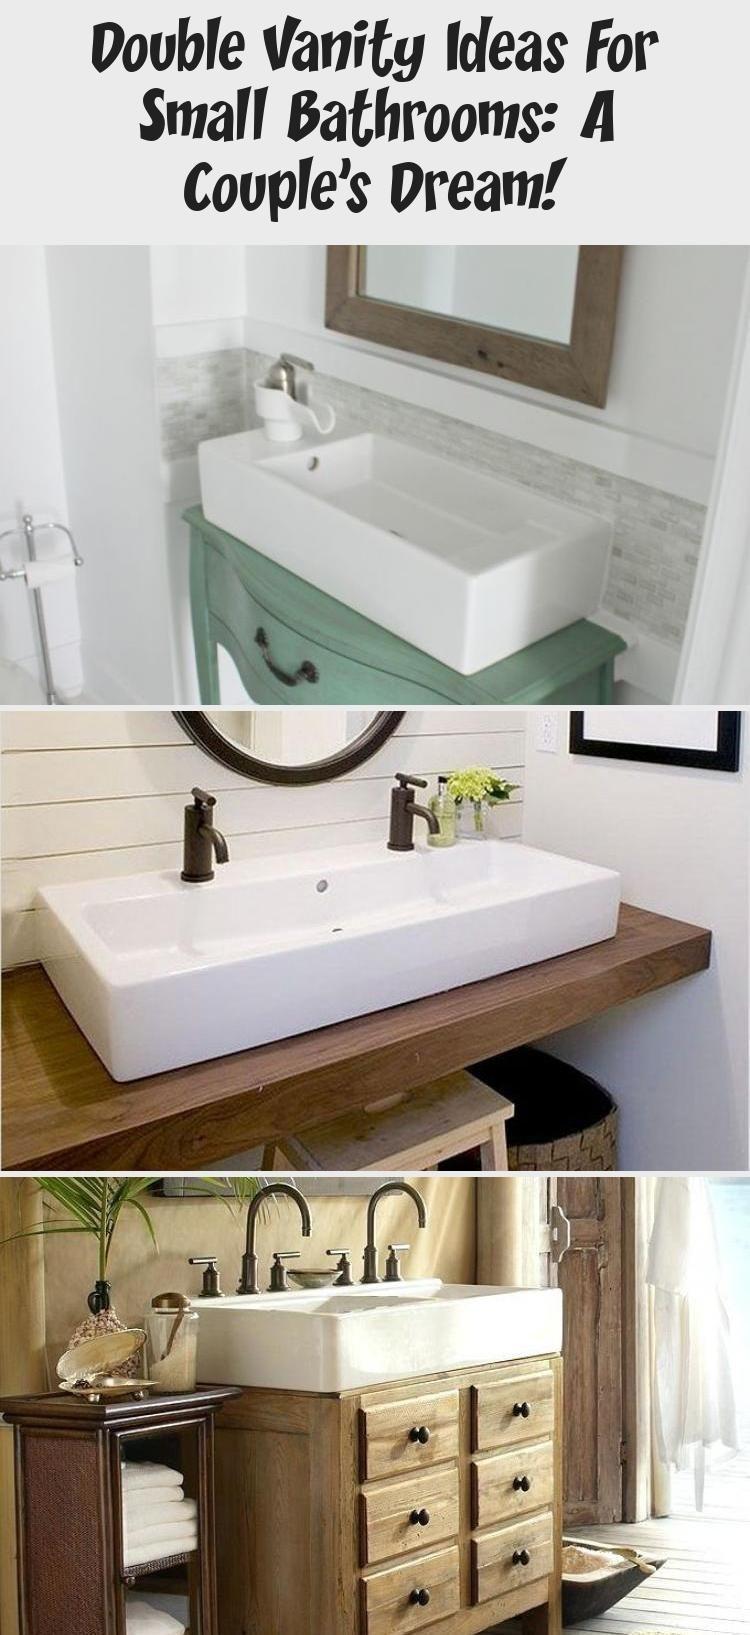 Doppelwaschtisch Ideen Fur Kleine Badezimmer Der Traum Eines